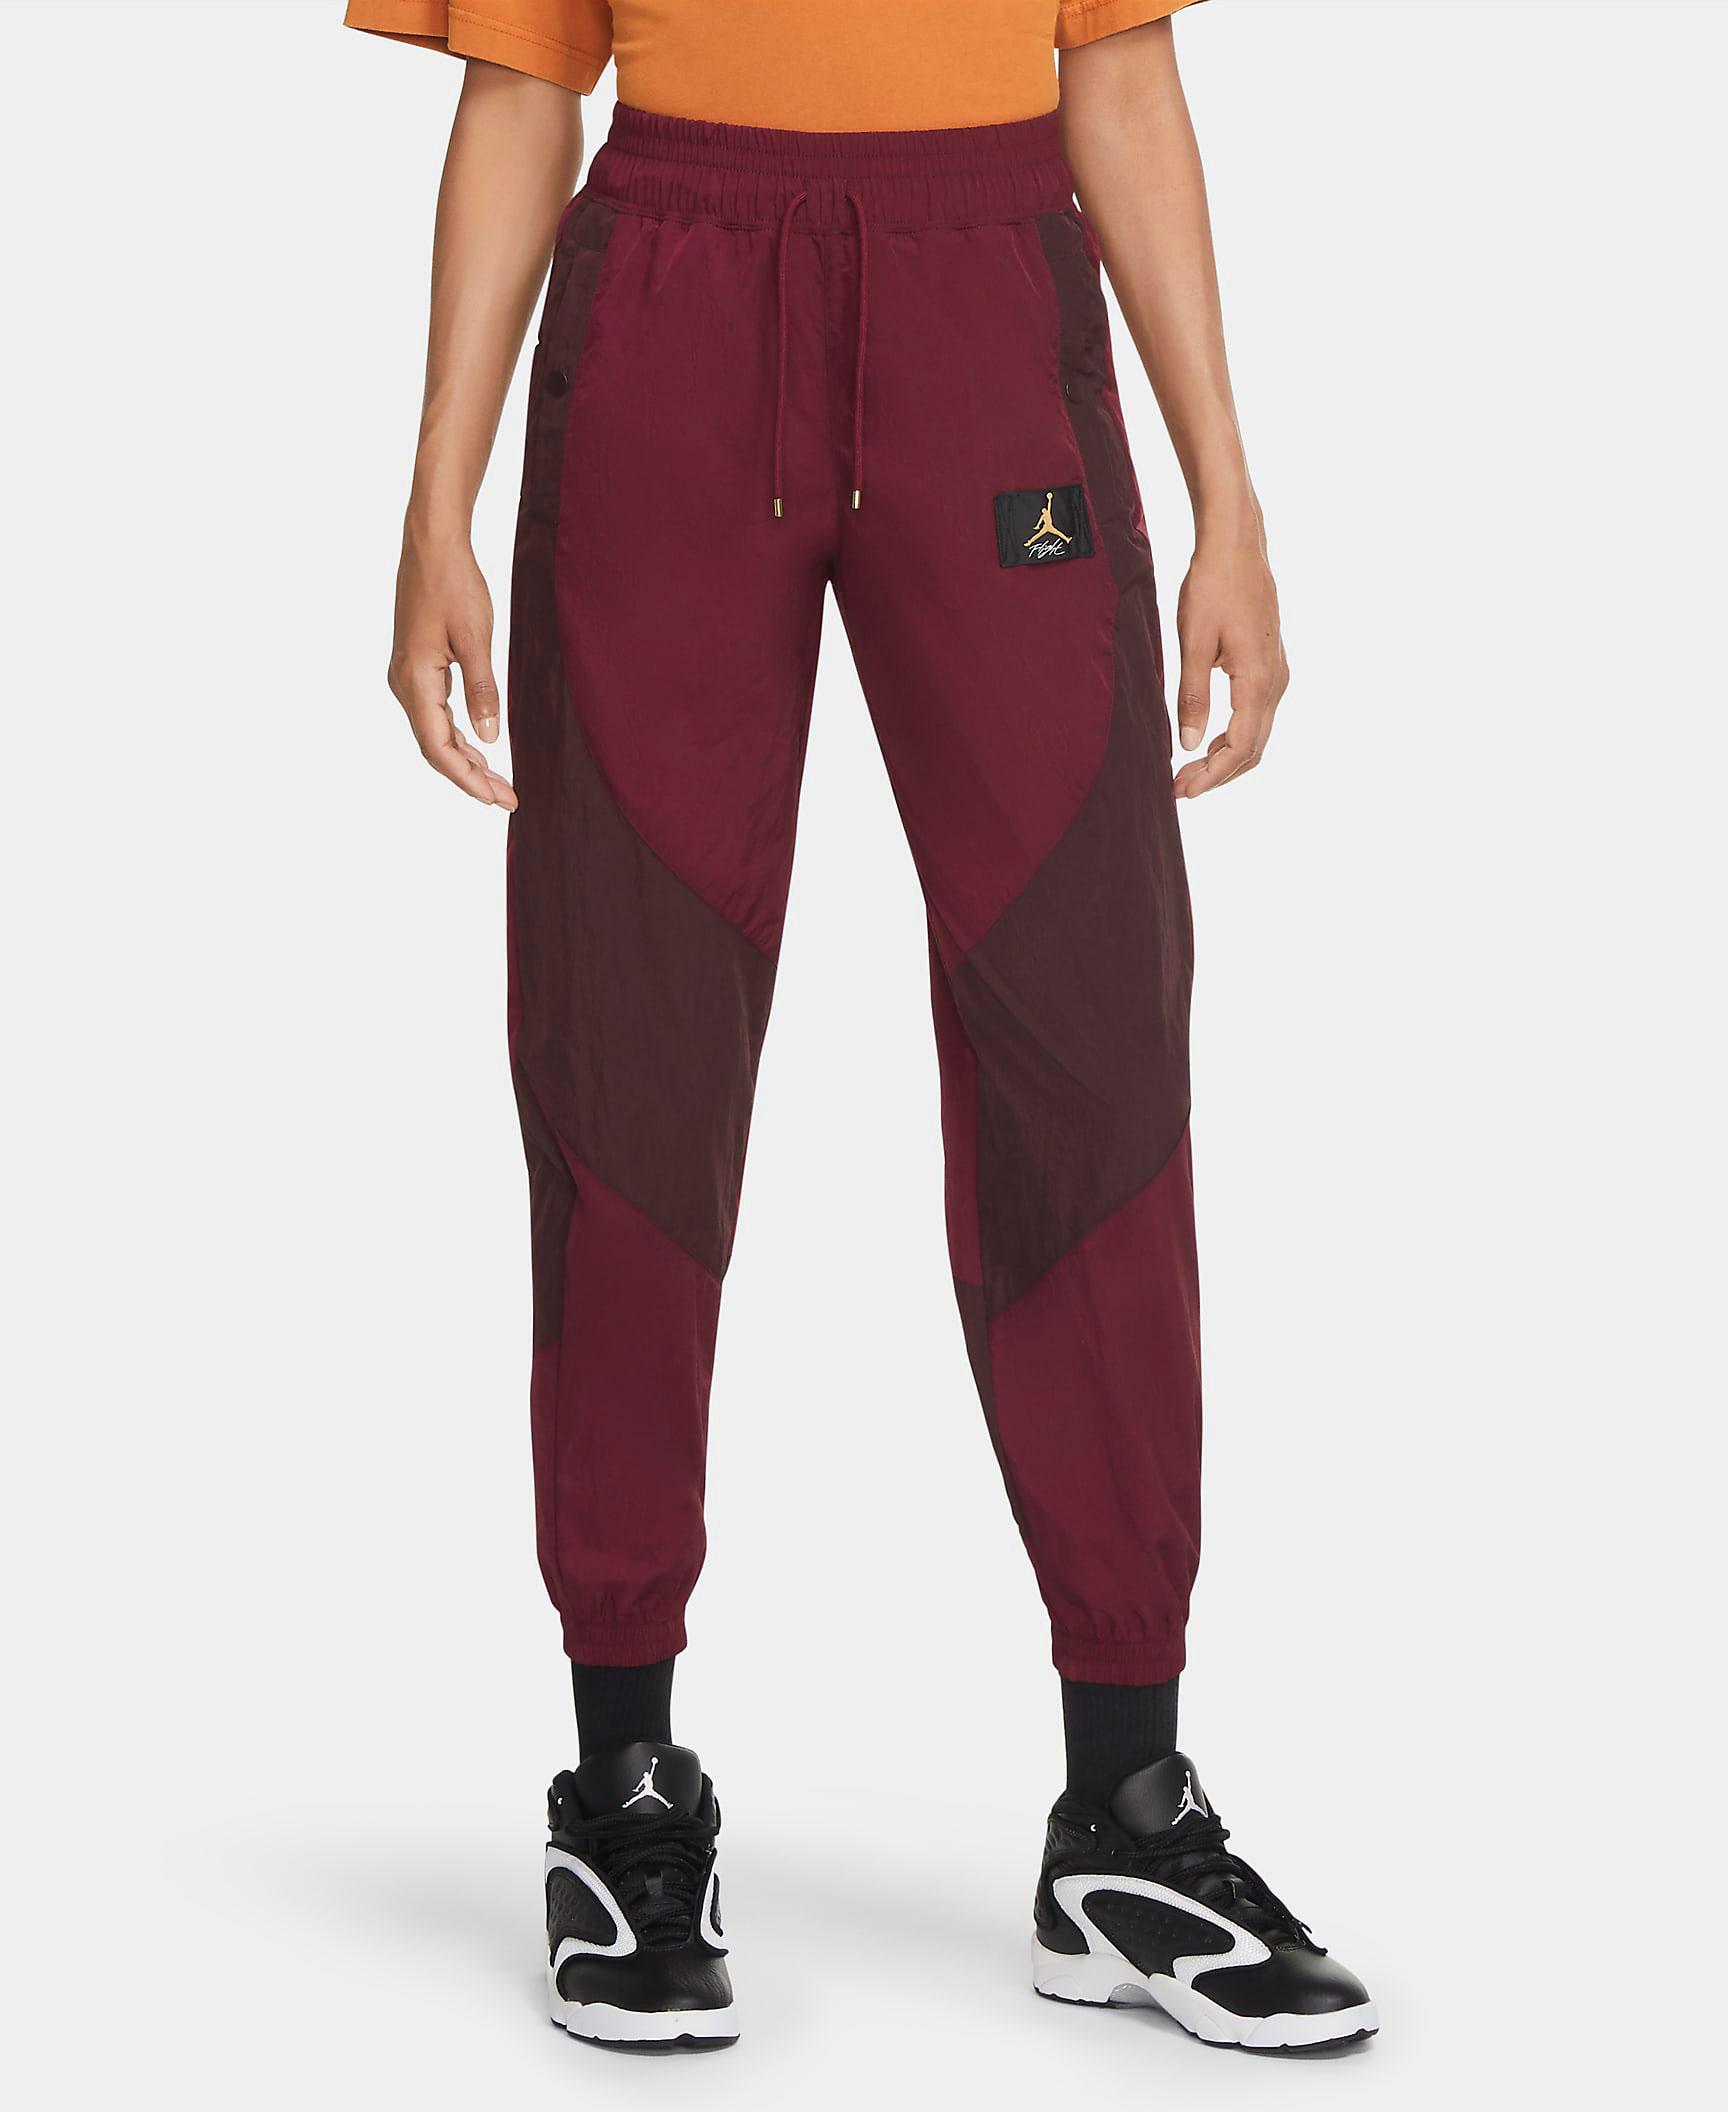 air-jordan-8-burgundy-beetroot-womens-jordan-pants